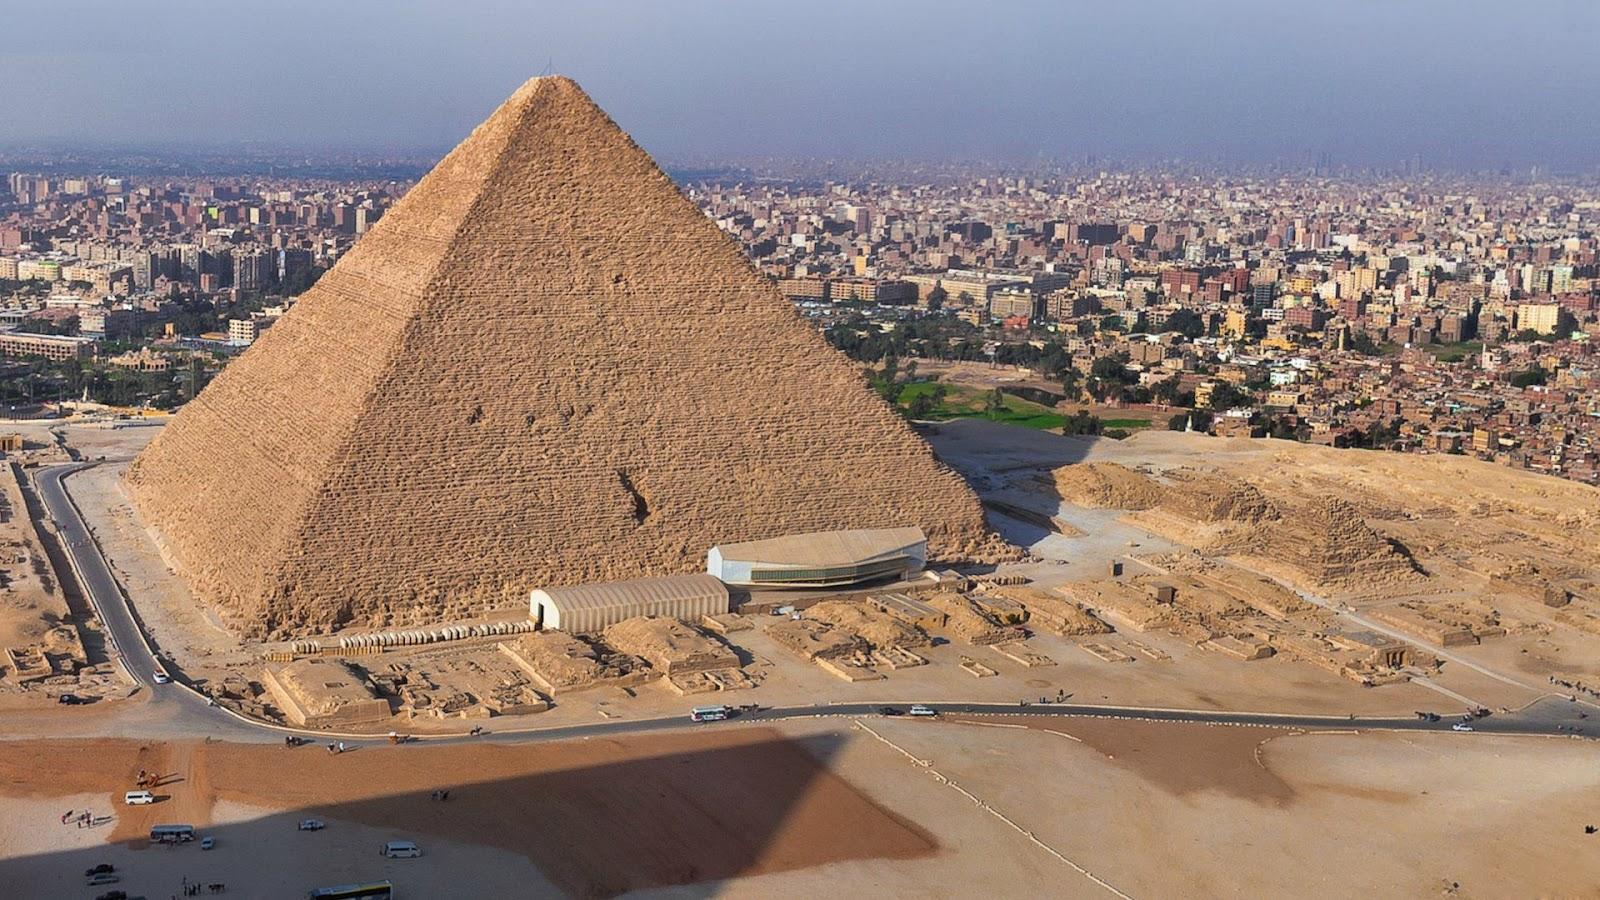 Es la construcción de piedra mas grande del mundo y fue construída durante el reinado del segundo faraón Keops (aproximadamente 2.670 antes de nuestra era) en el reino de Egipto. El perímetro original de la base cuadrada es de 230 metros, ocupando una superficie de 52.900 metros cuadrados.